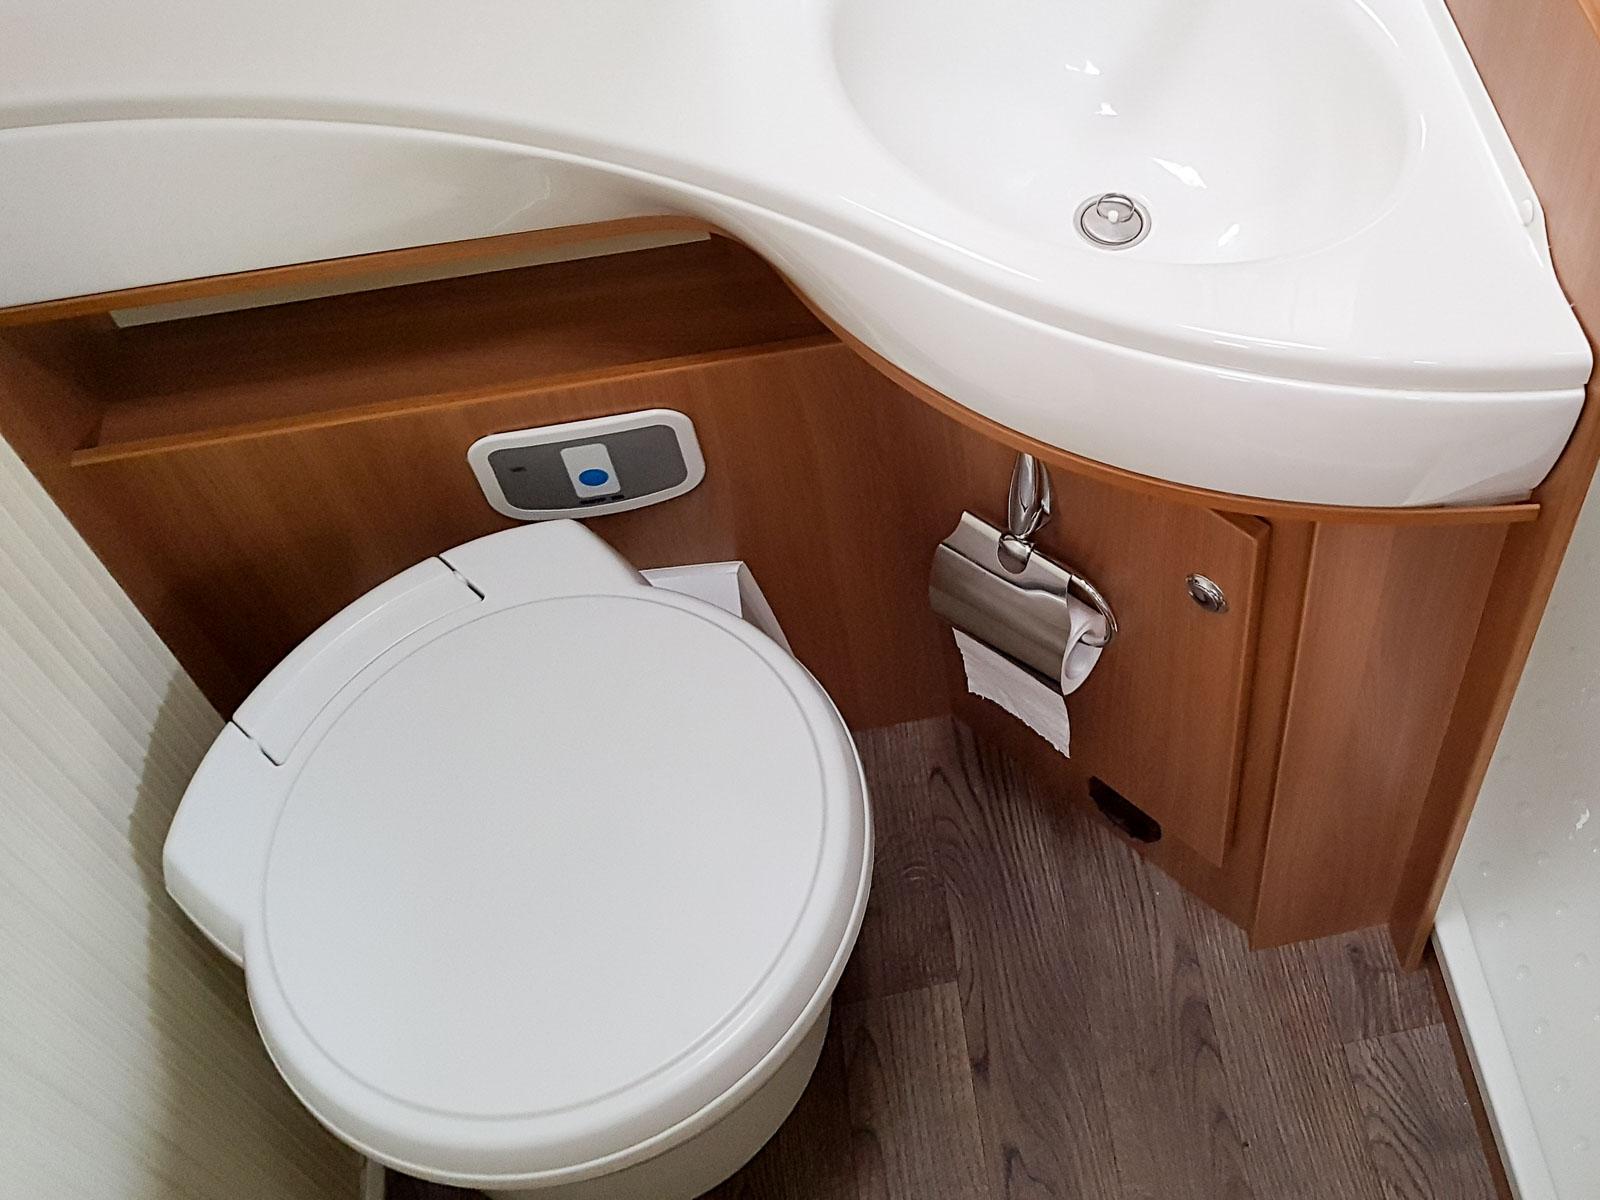 wie funktioniert eine campingtoilette so gibt es keine berraschung. Black Bedroom Furniture Sets. Home Design Ideas